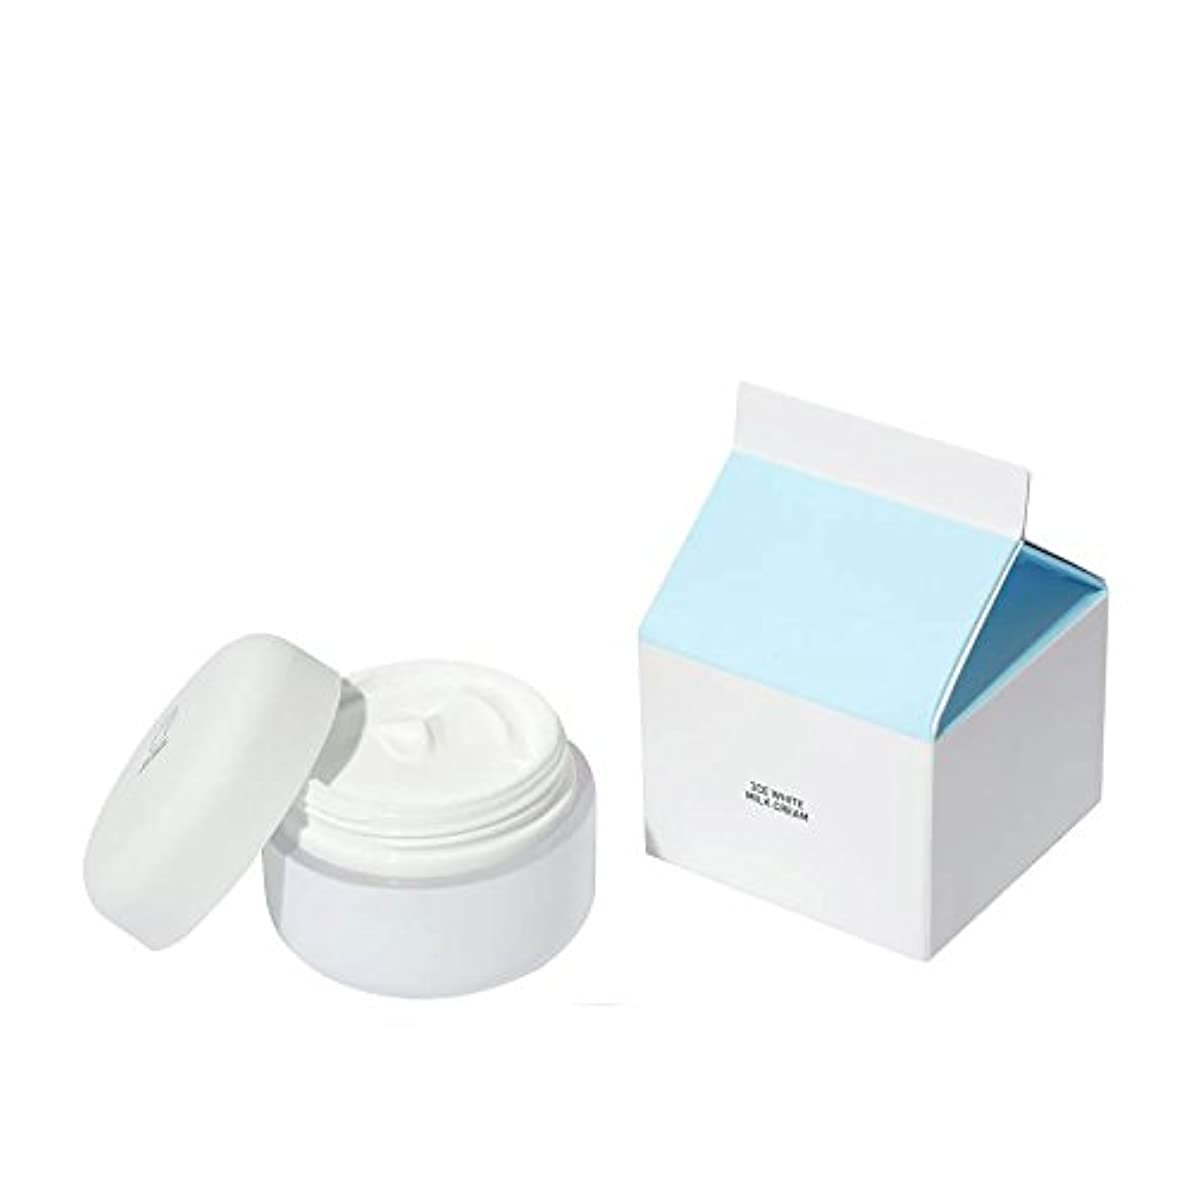 ブランド資源承認[3CE] ホワイトミルククリーム(White Milk Cream) 50g